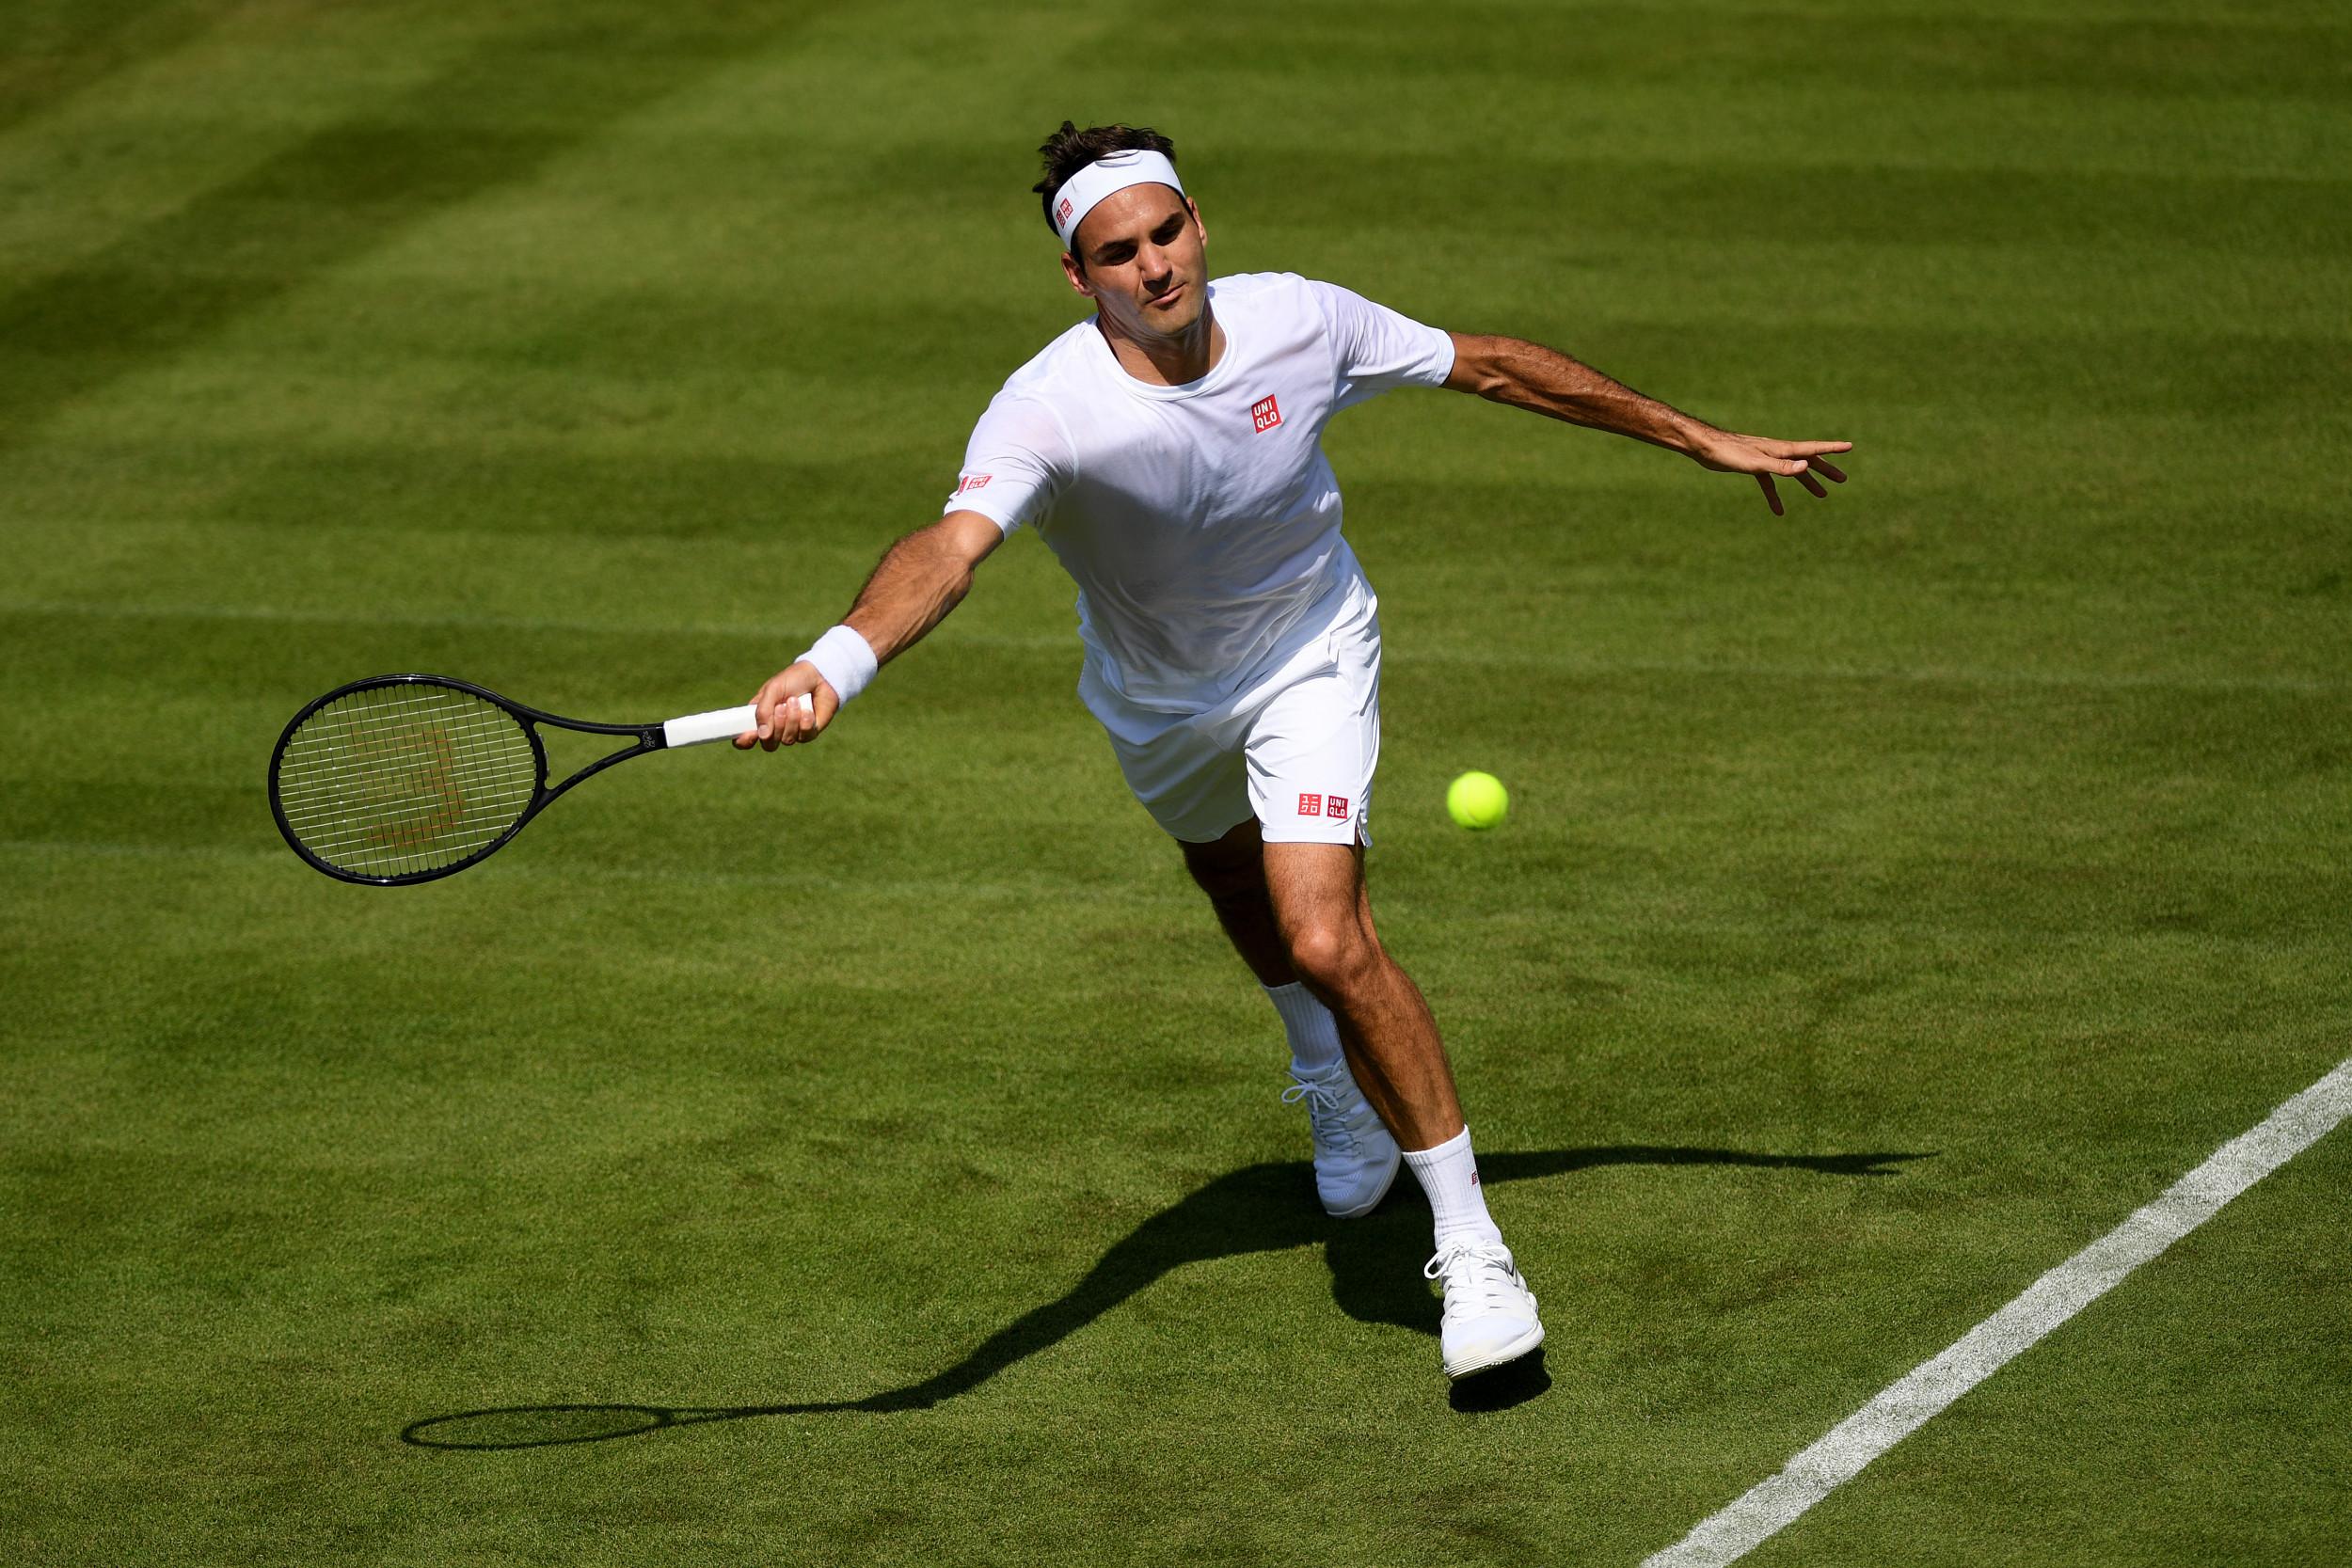 Wimbledon 2019: Experts' Verdicts on Roger Federer, Novak